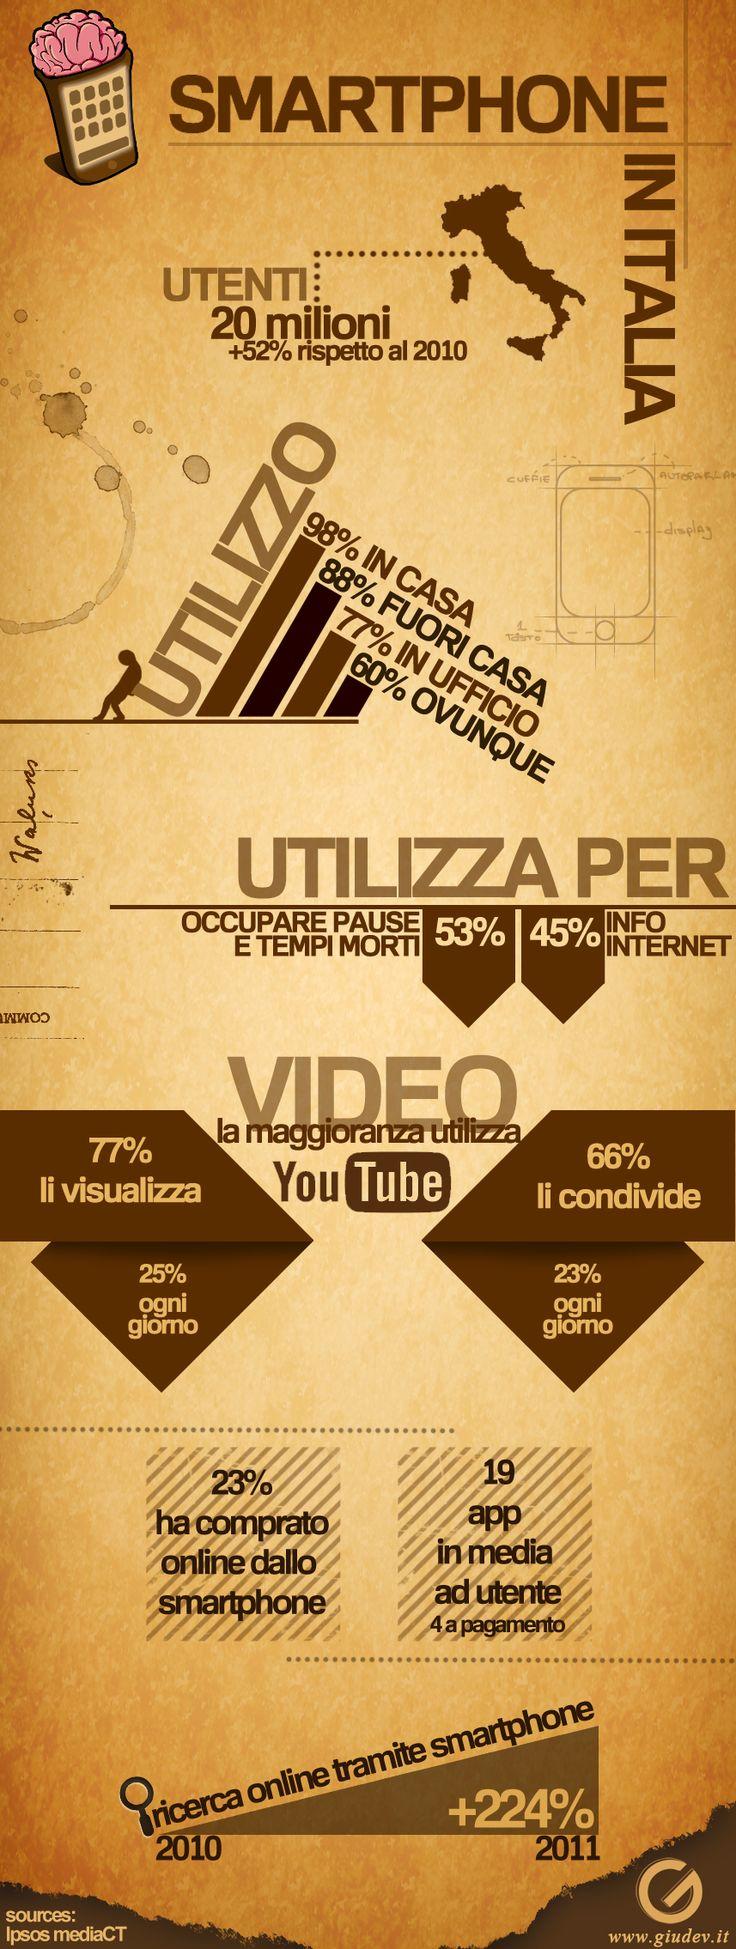 http://ezdtech.eu/3v  Una interessante infografica sulla diffusione 2011 degli smartphones in Italia.